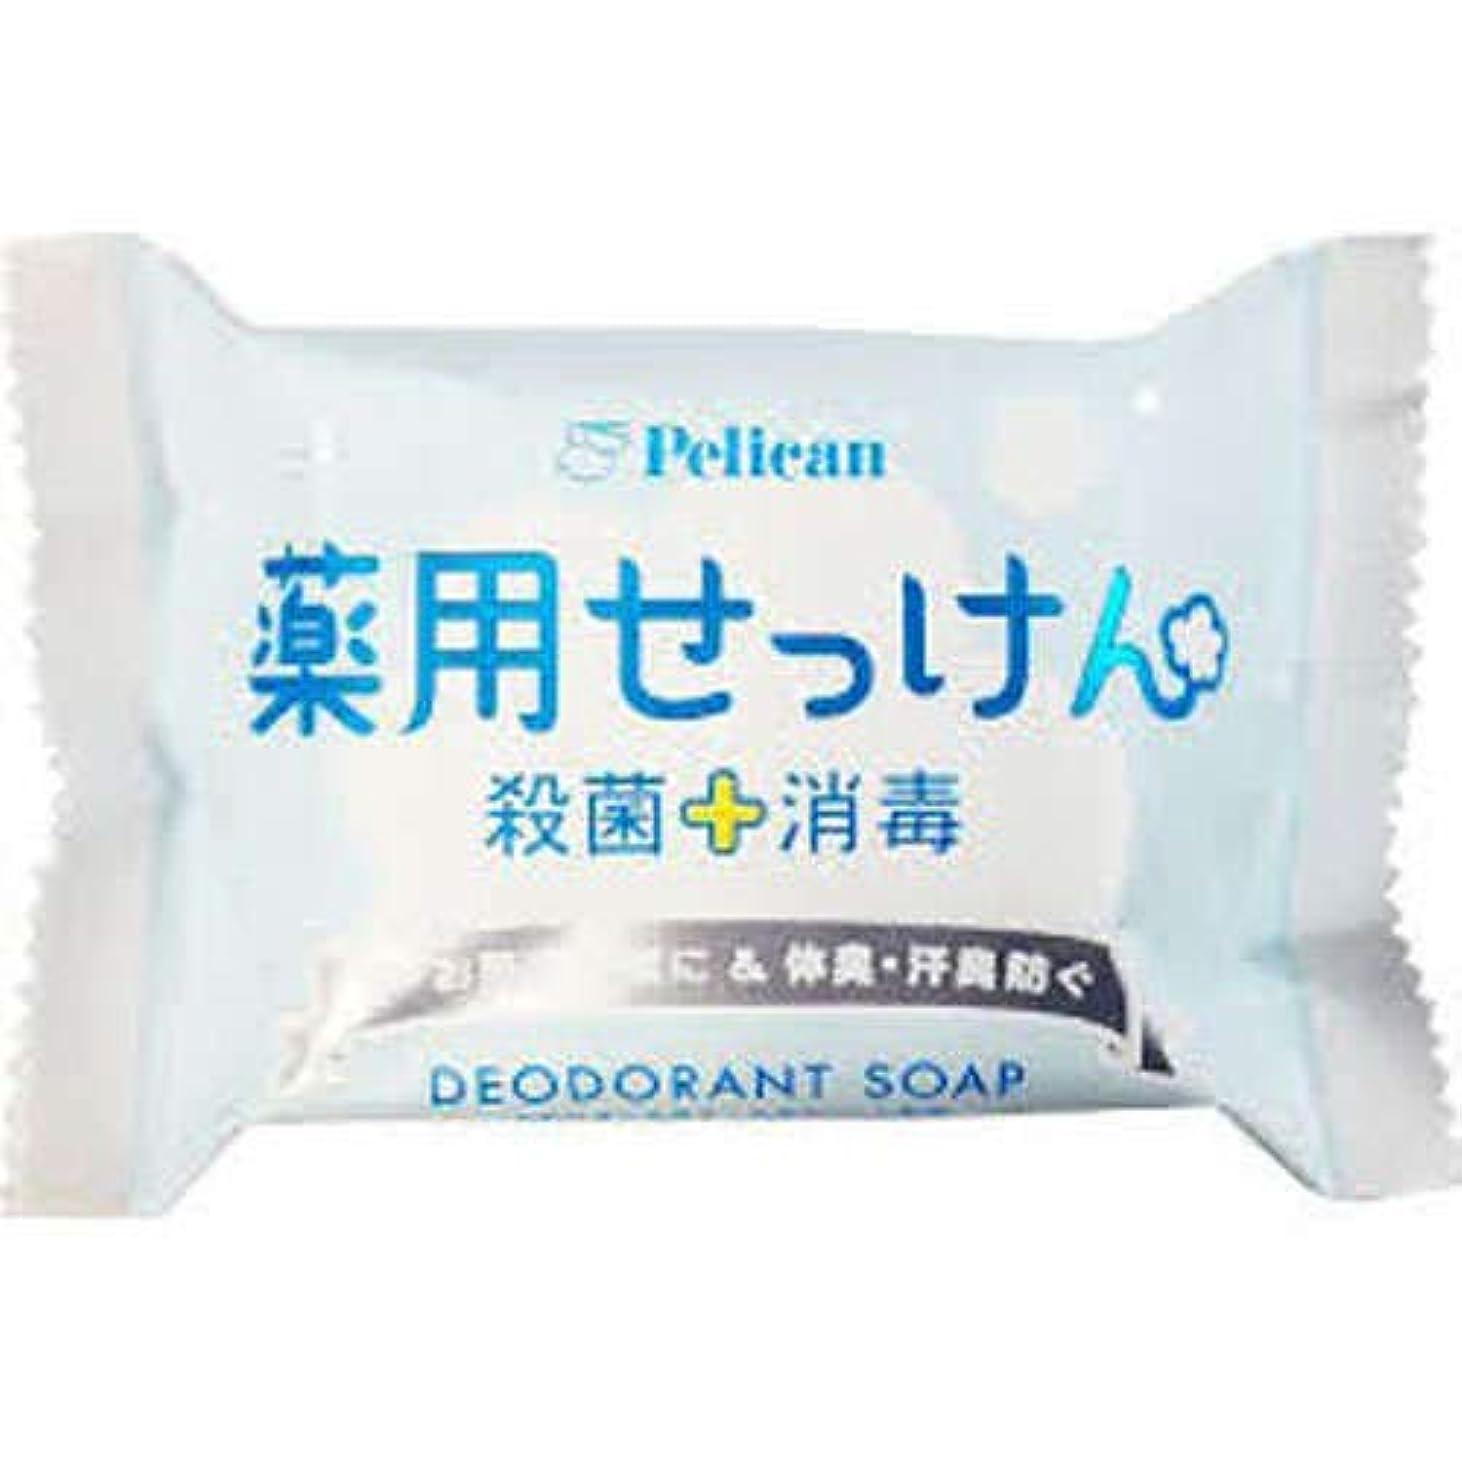 【ハンズメッセ2019】ペリカン石鹸 薬用せっけん 85g<お届けまで約1?2週間>